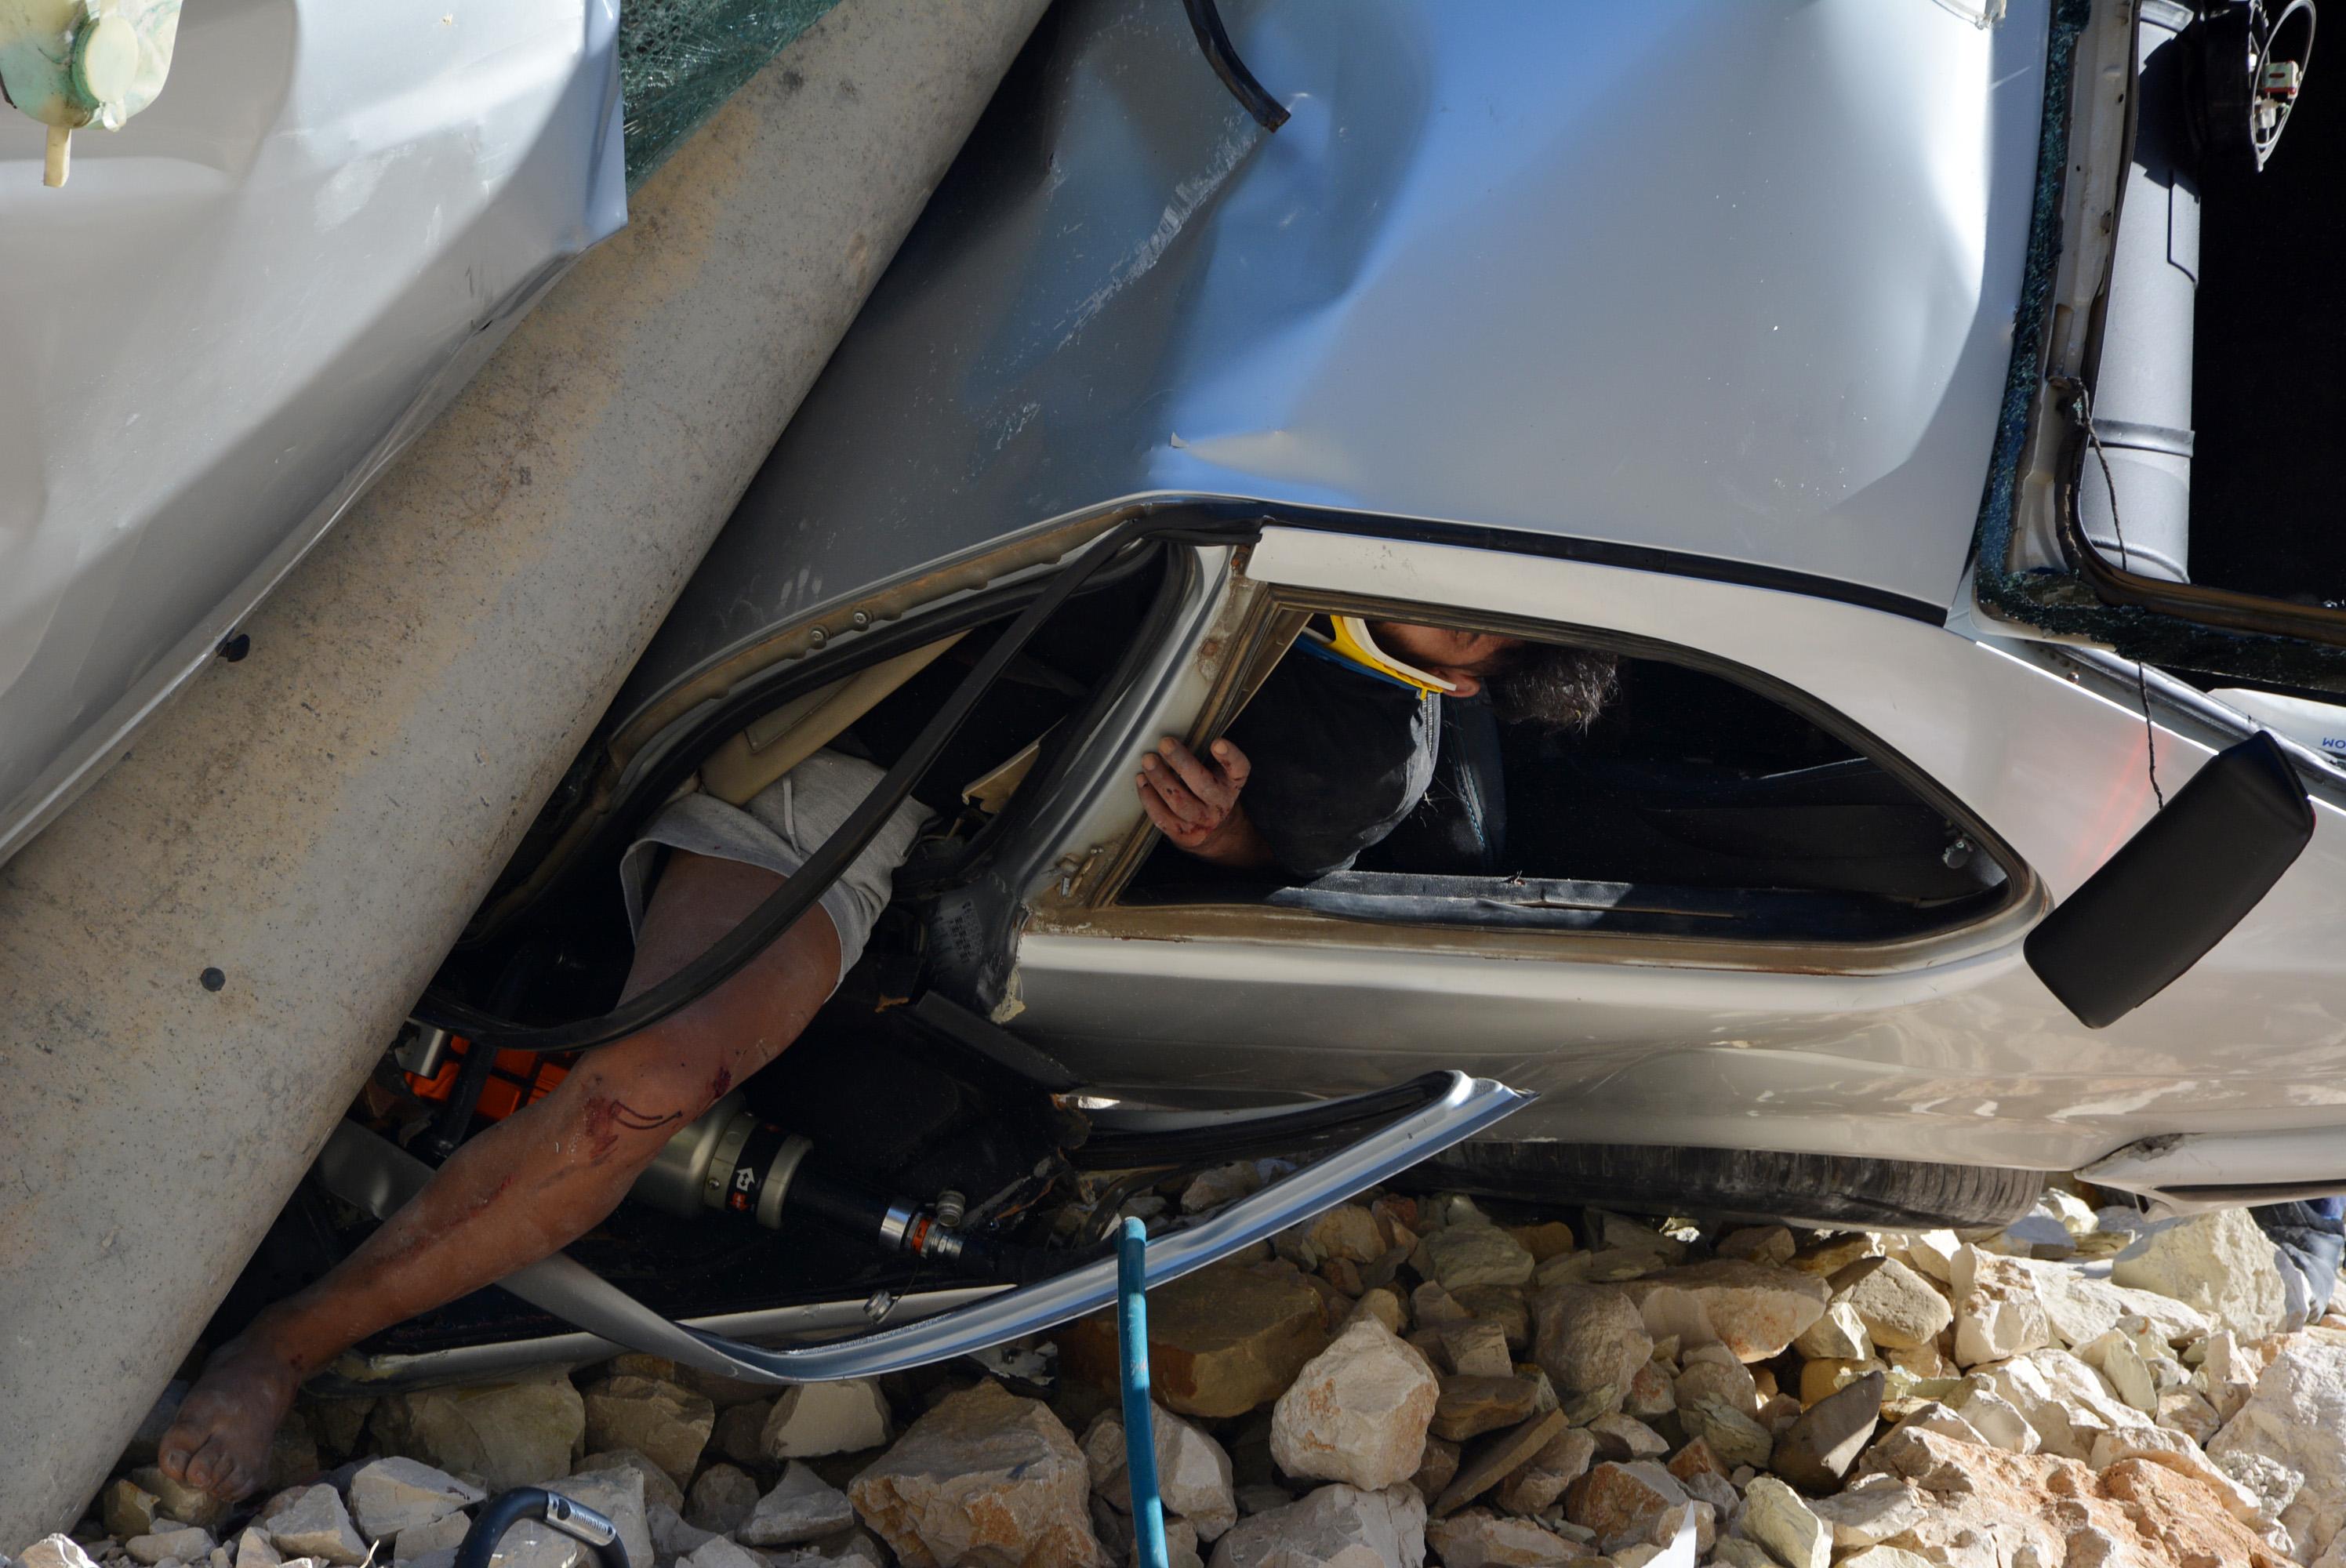 beton-direge-carpan-otomobildeki-kadin-oldu-oglu-ve-esi-yaralandi-8984-dhaphoto3.jpg